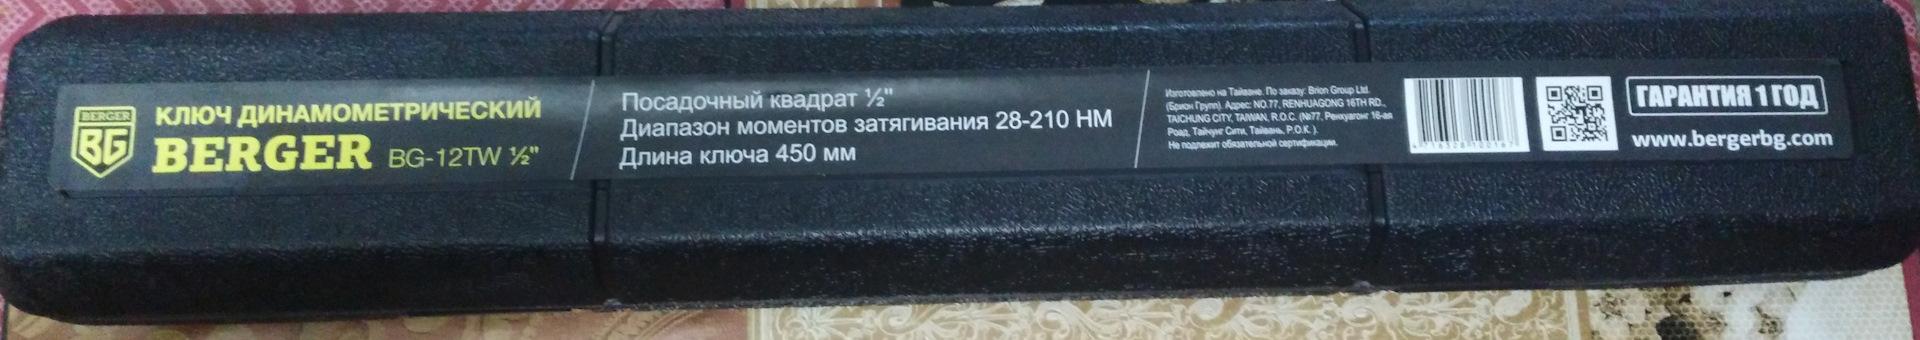 Ключ динамометрический BERGER BG-12 TW, 1 2